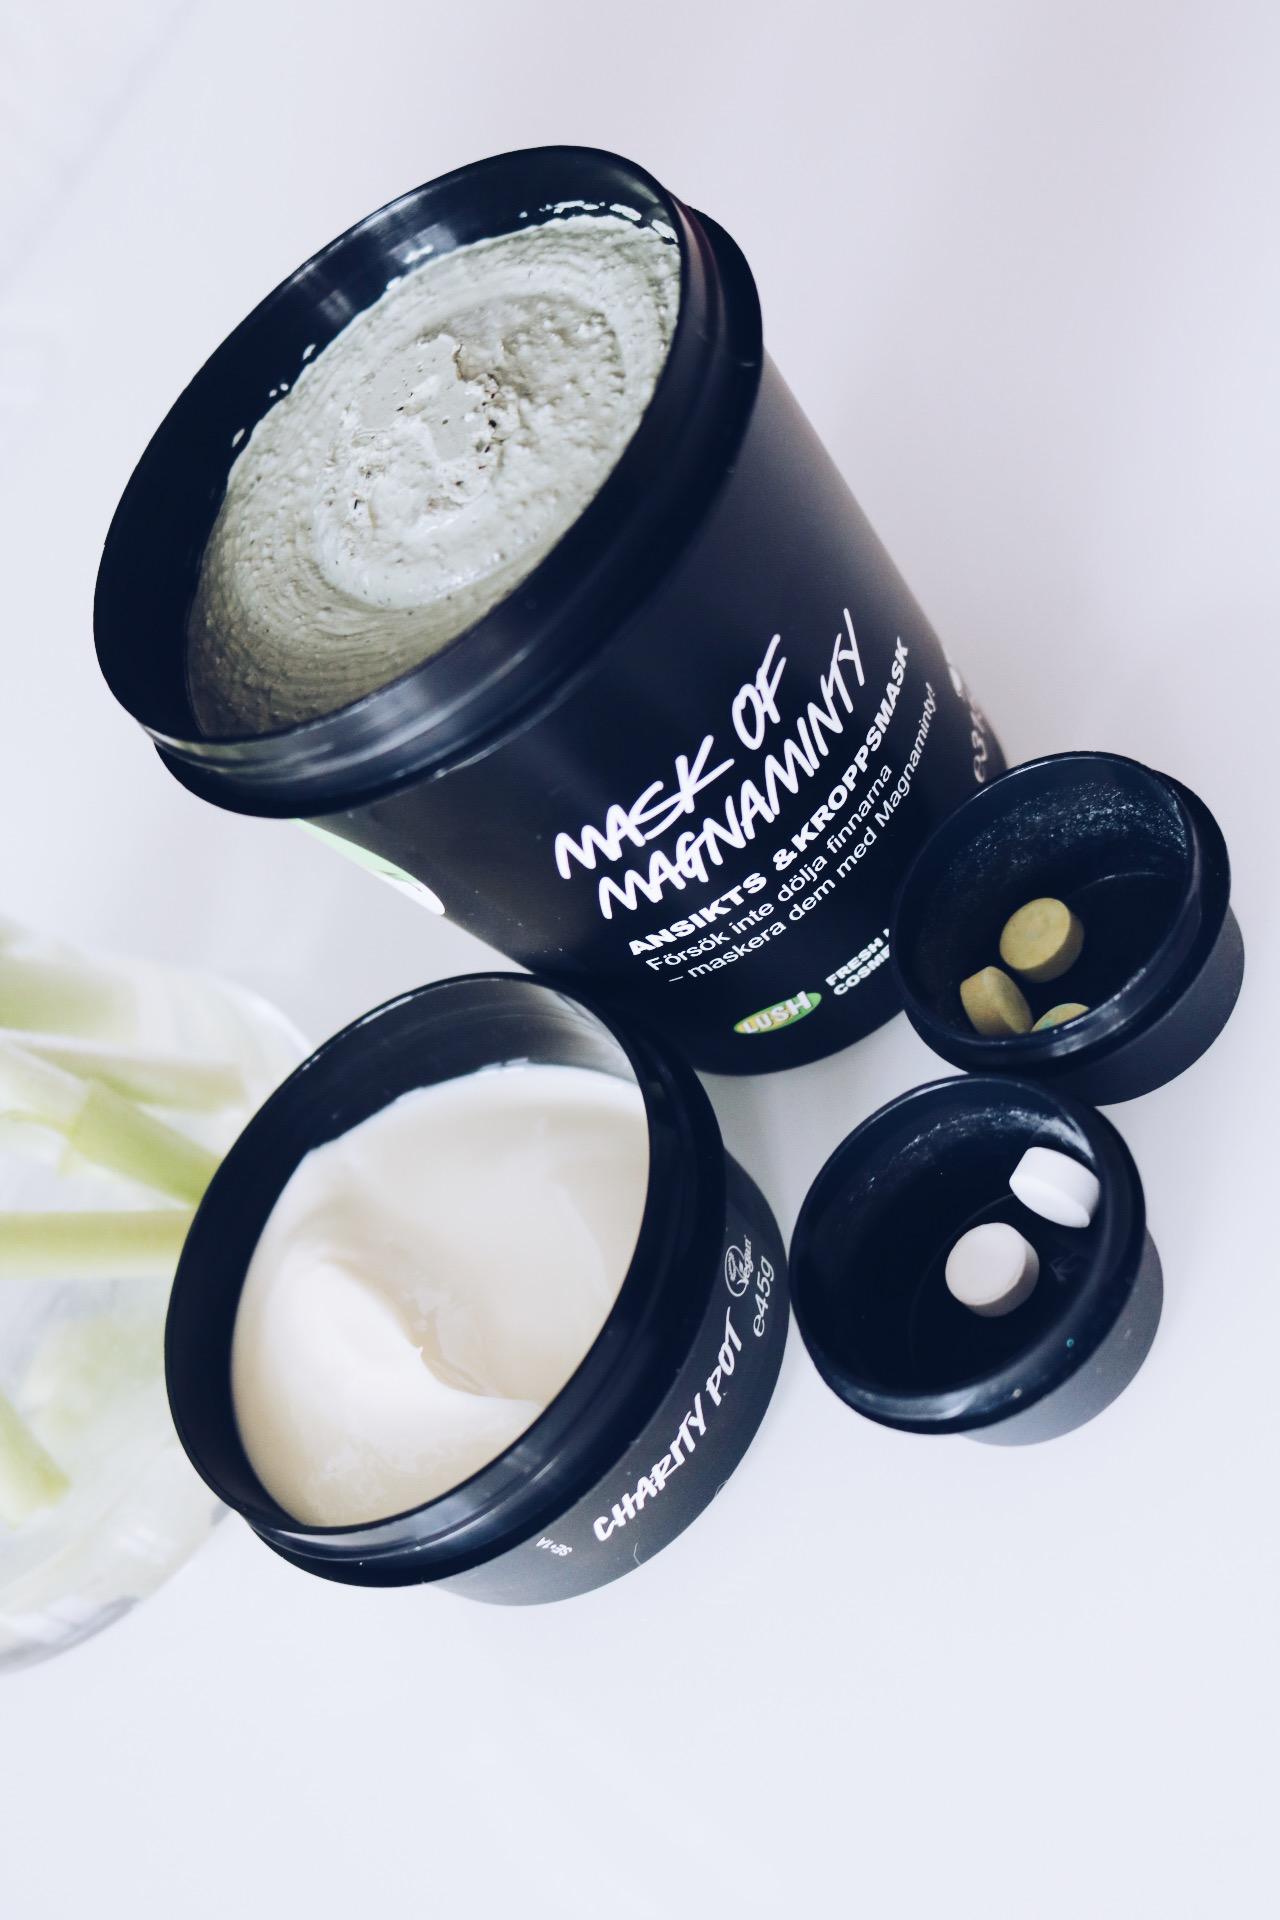 Lush Magnaminty Mask hudvård tandkrämstabletter charity pot test skönhetsblogg